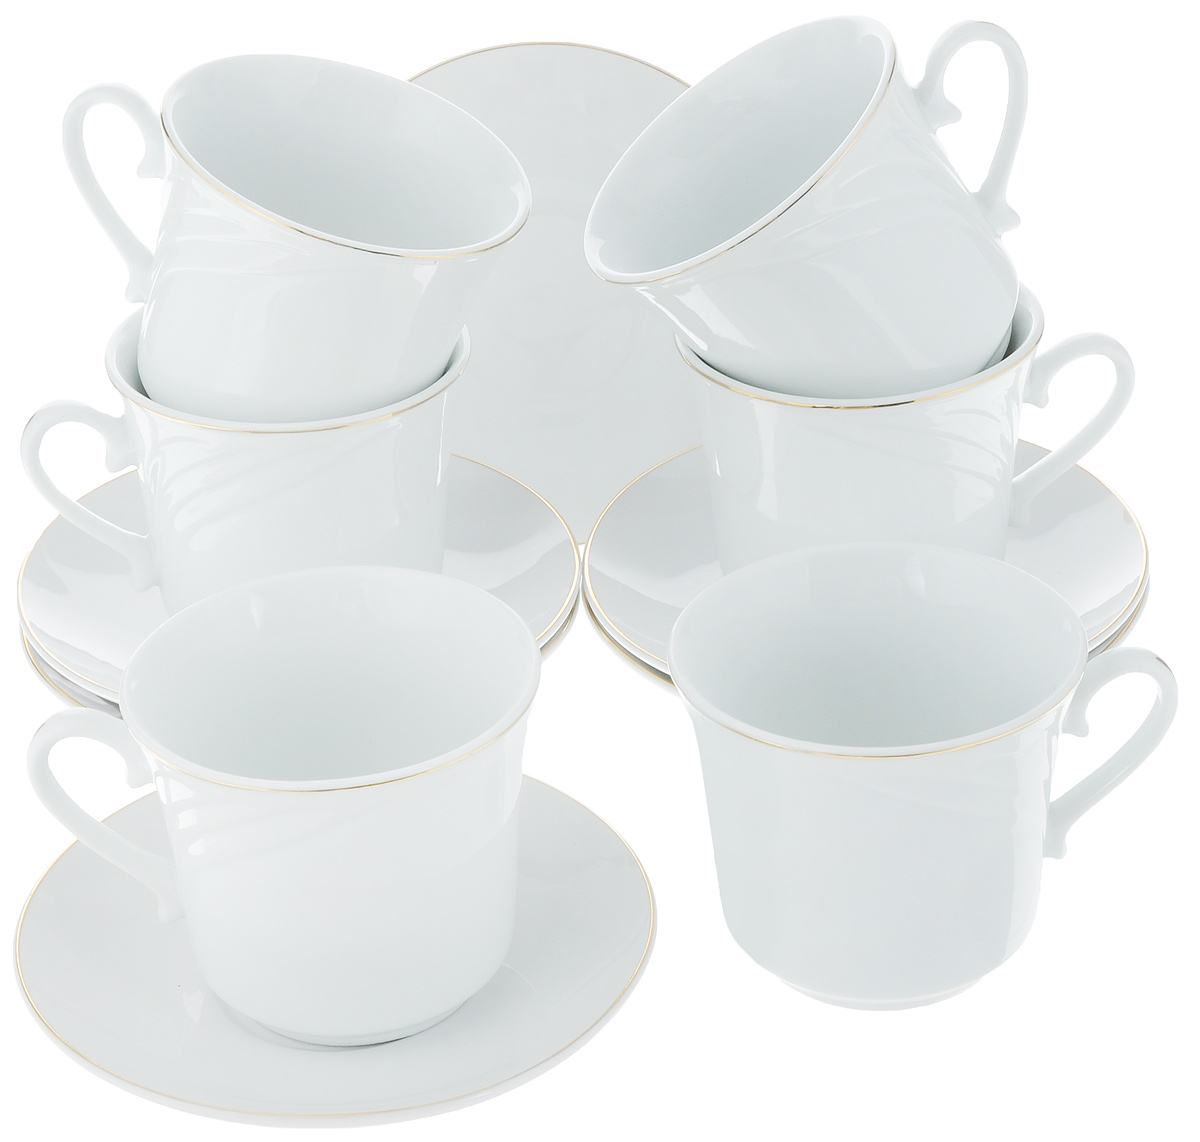 Набор чайный Loraine, 12 предметов. 2561525615Чайный набор Loraine состоит из 6 чашек и 6 блюдец, выполненных из высококачественного фарфора. Такой набор дополнит сервировку стола к чаепитию.Благодаря изысканному дизайну и качеству исполнения он станетзамечательным подарком для ваших друзей и близких. Набор упакован в подарочную коробку, задрапированную белойатласной тканью. Объем чашки: 220 мл. Диаметр чашки по верхнему краю: 8,5 см. Высота чашки: 7,5 см. Диаметр блюдца: 13,5 см.Высота блюдца: 2 см.